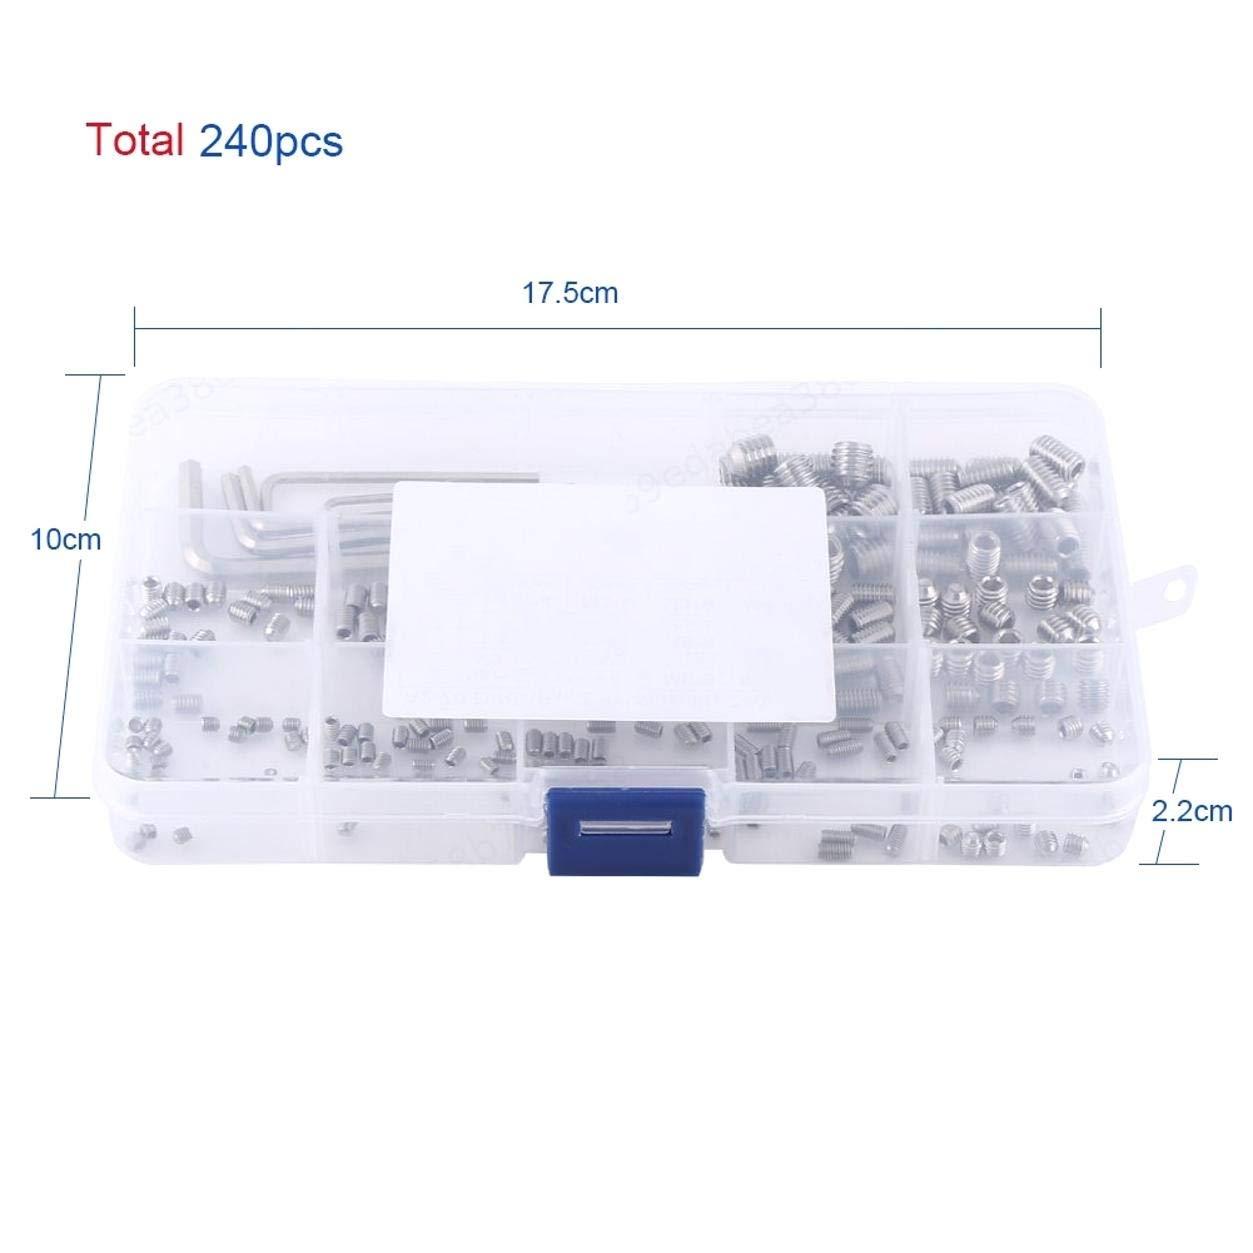 LAQI 304 Edelstahl Sechskant-Madenschrauben Kopfmuttern Gewinde Cup Point Maschinenbefestigung Sortiment Kit mit Inbusschl/üsseln Packung /à 240 St/ück